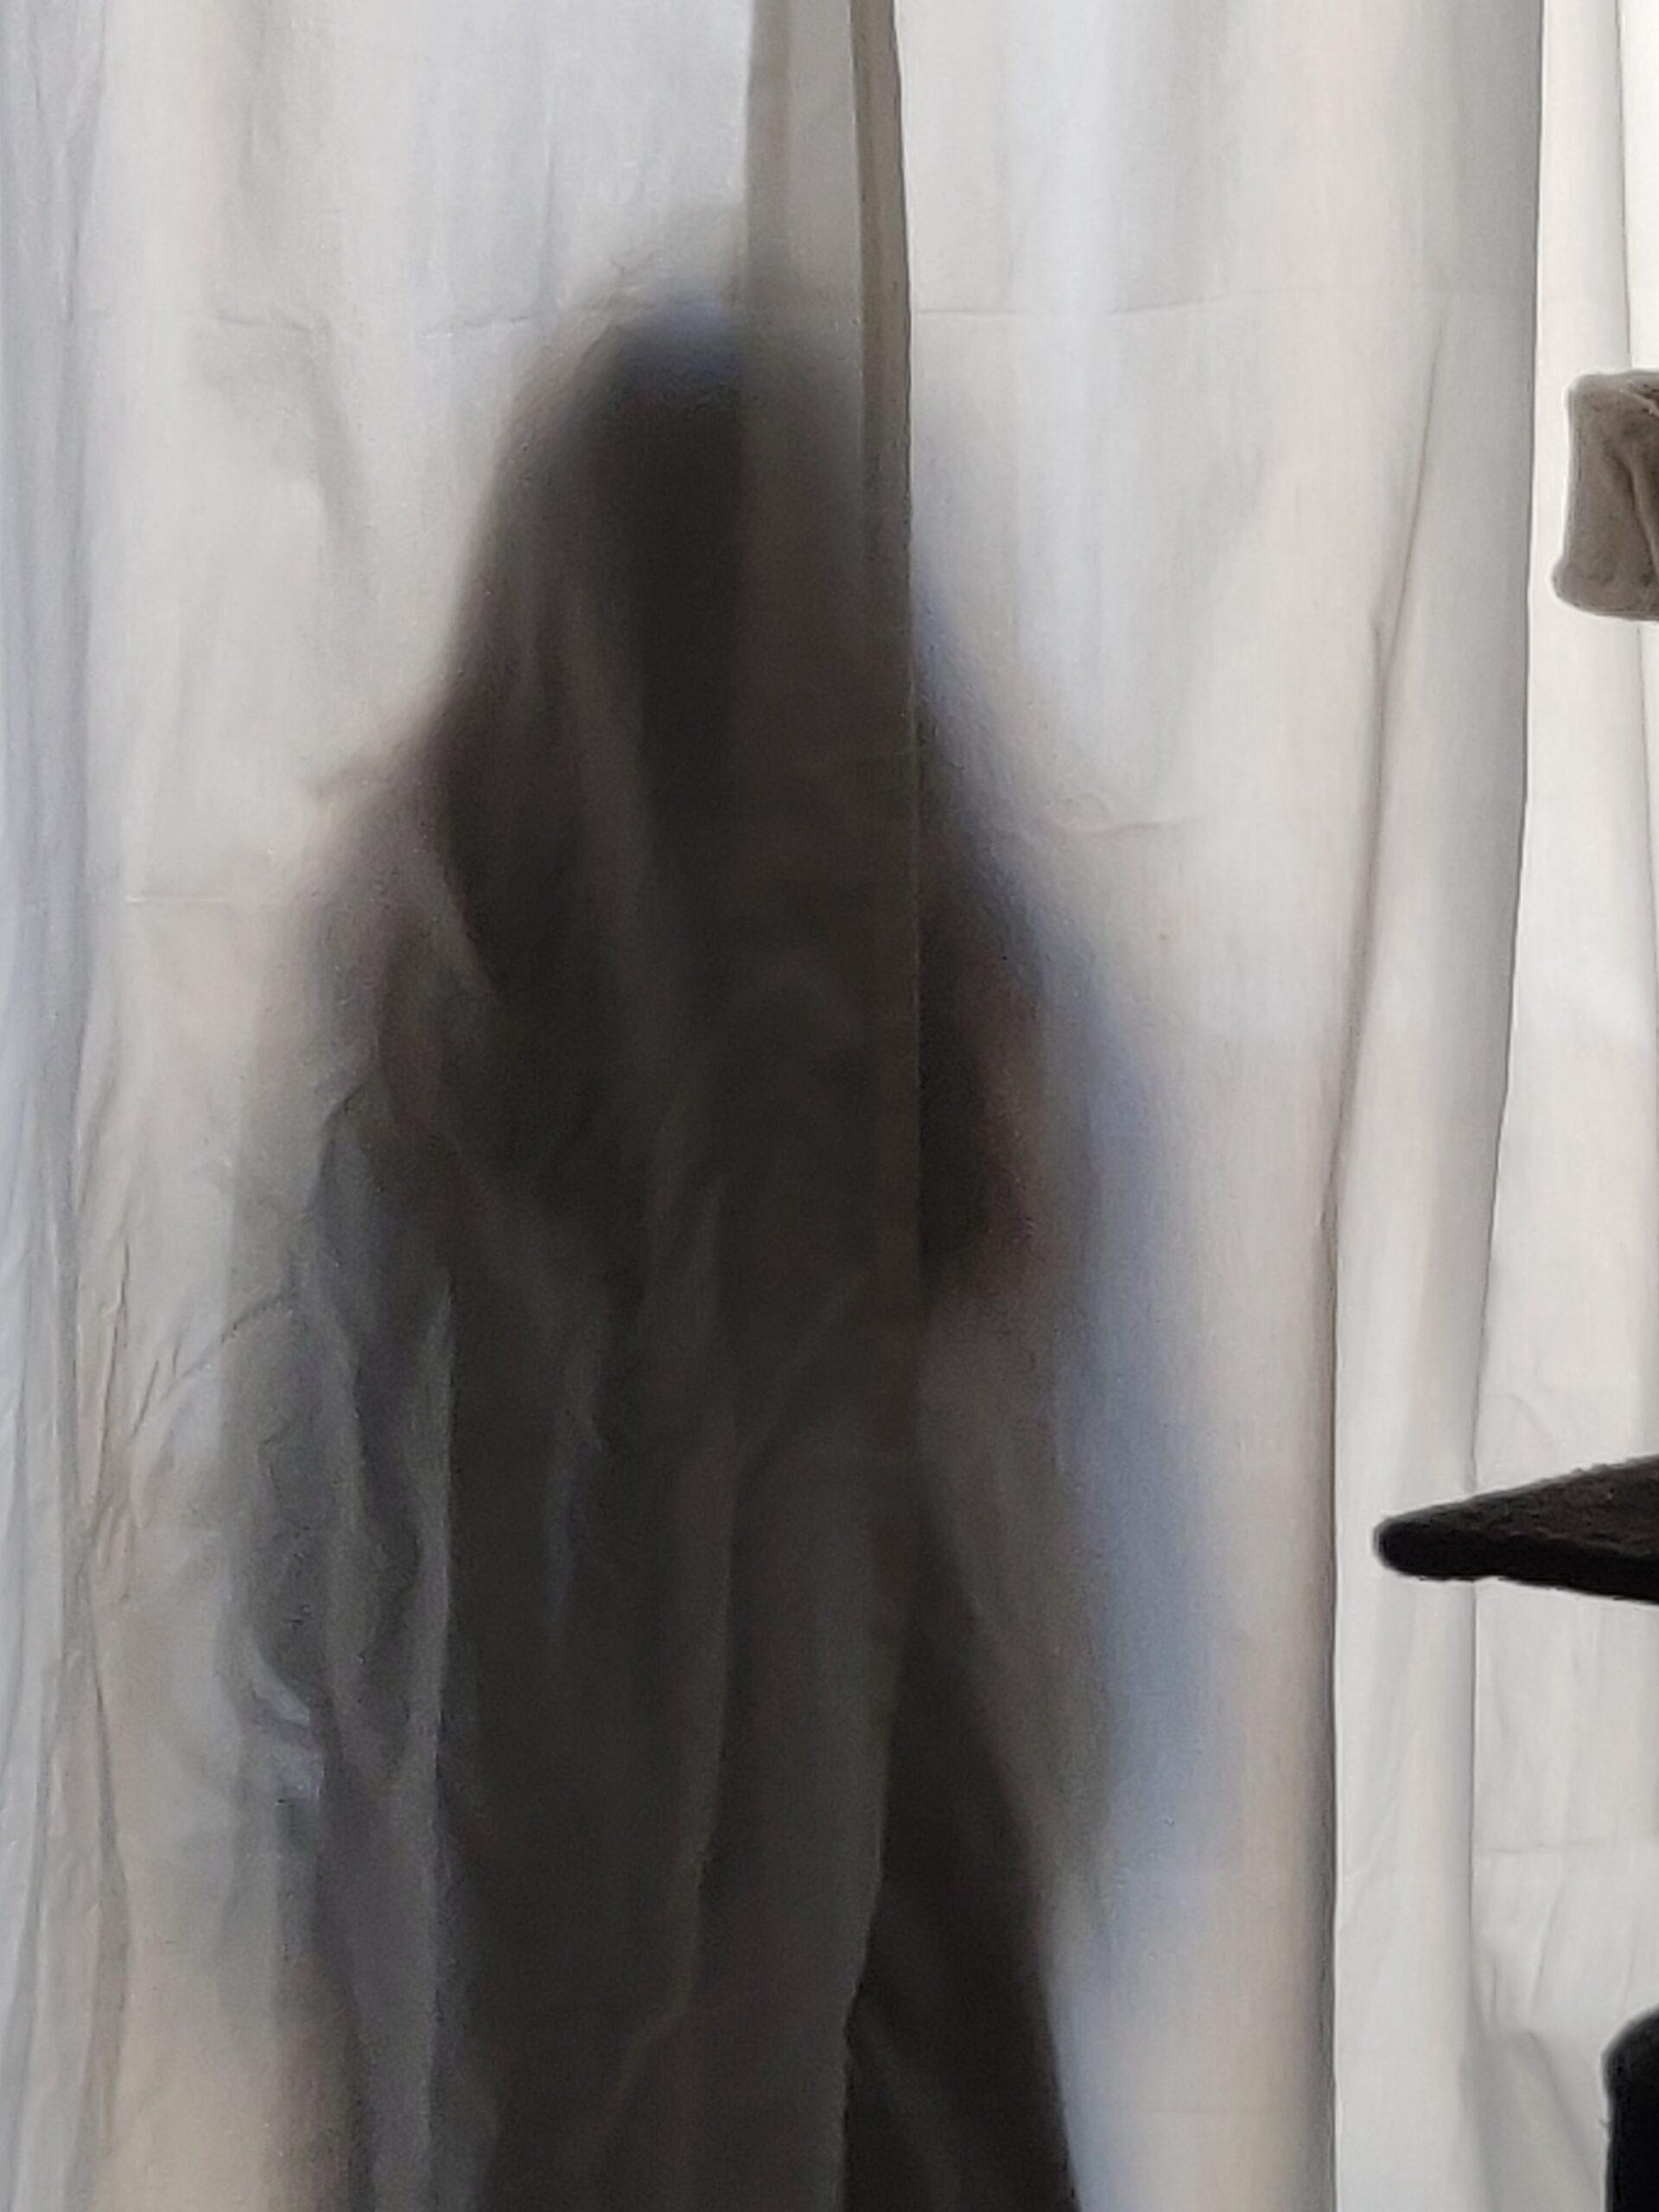 Une silhouette derrière des rideaux blancs.